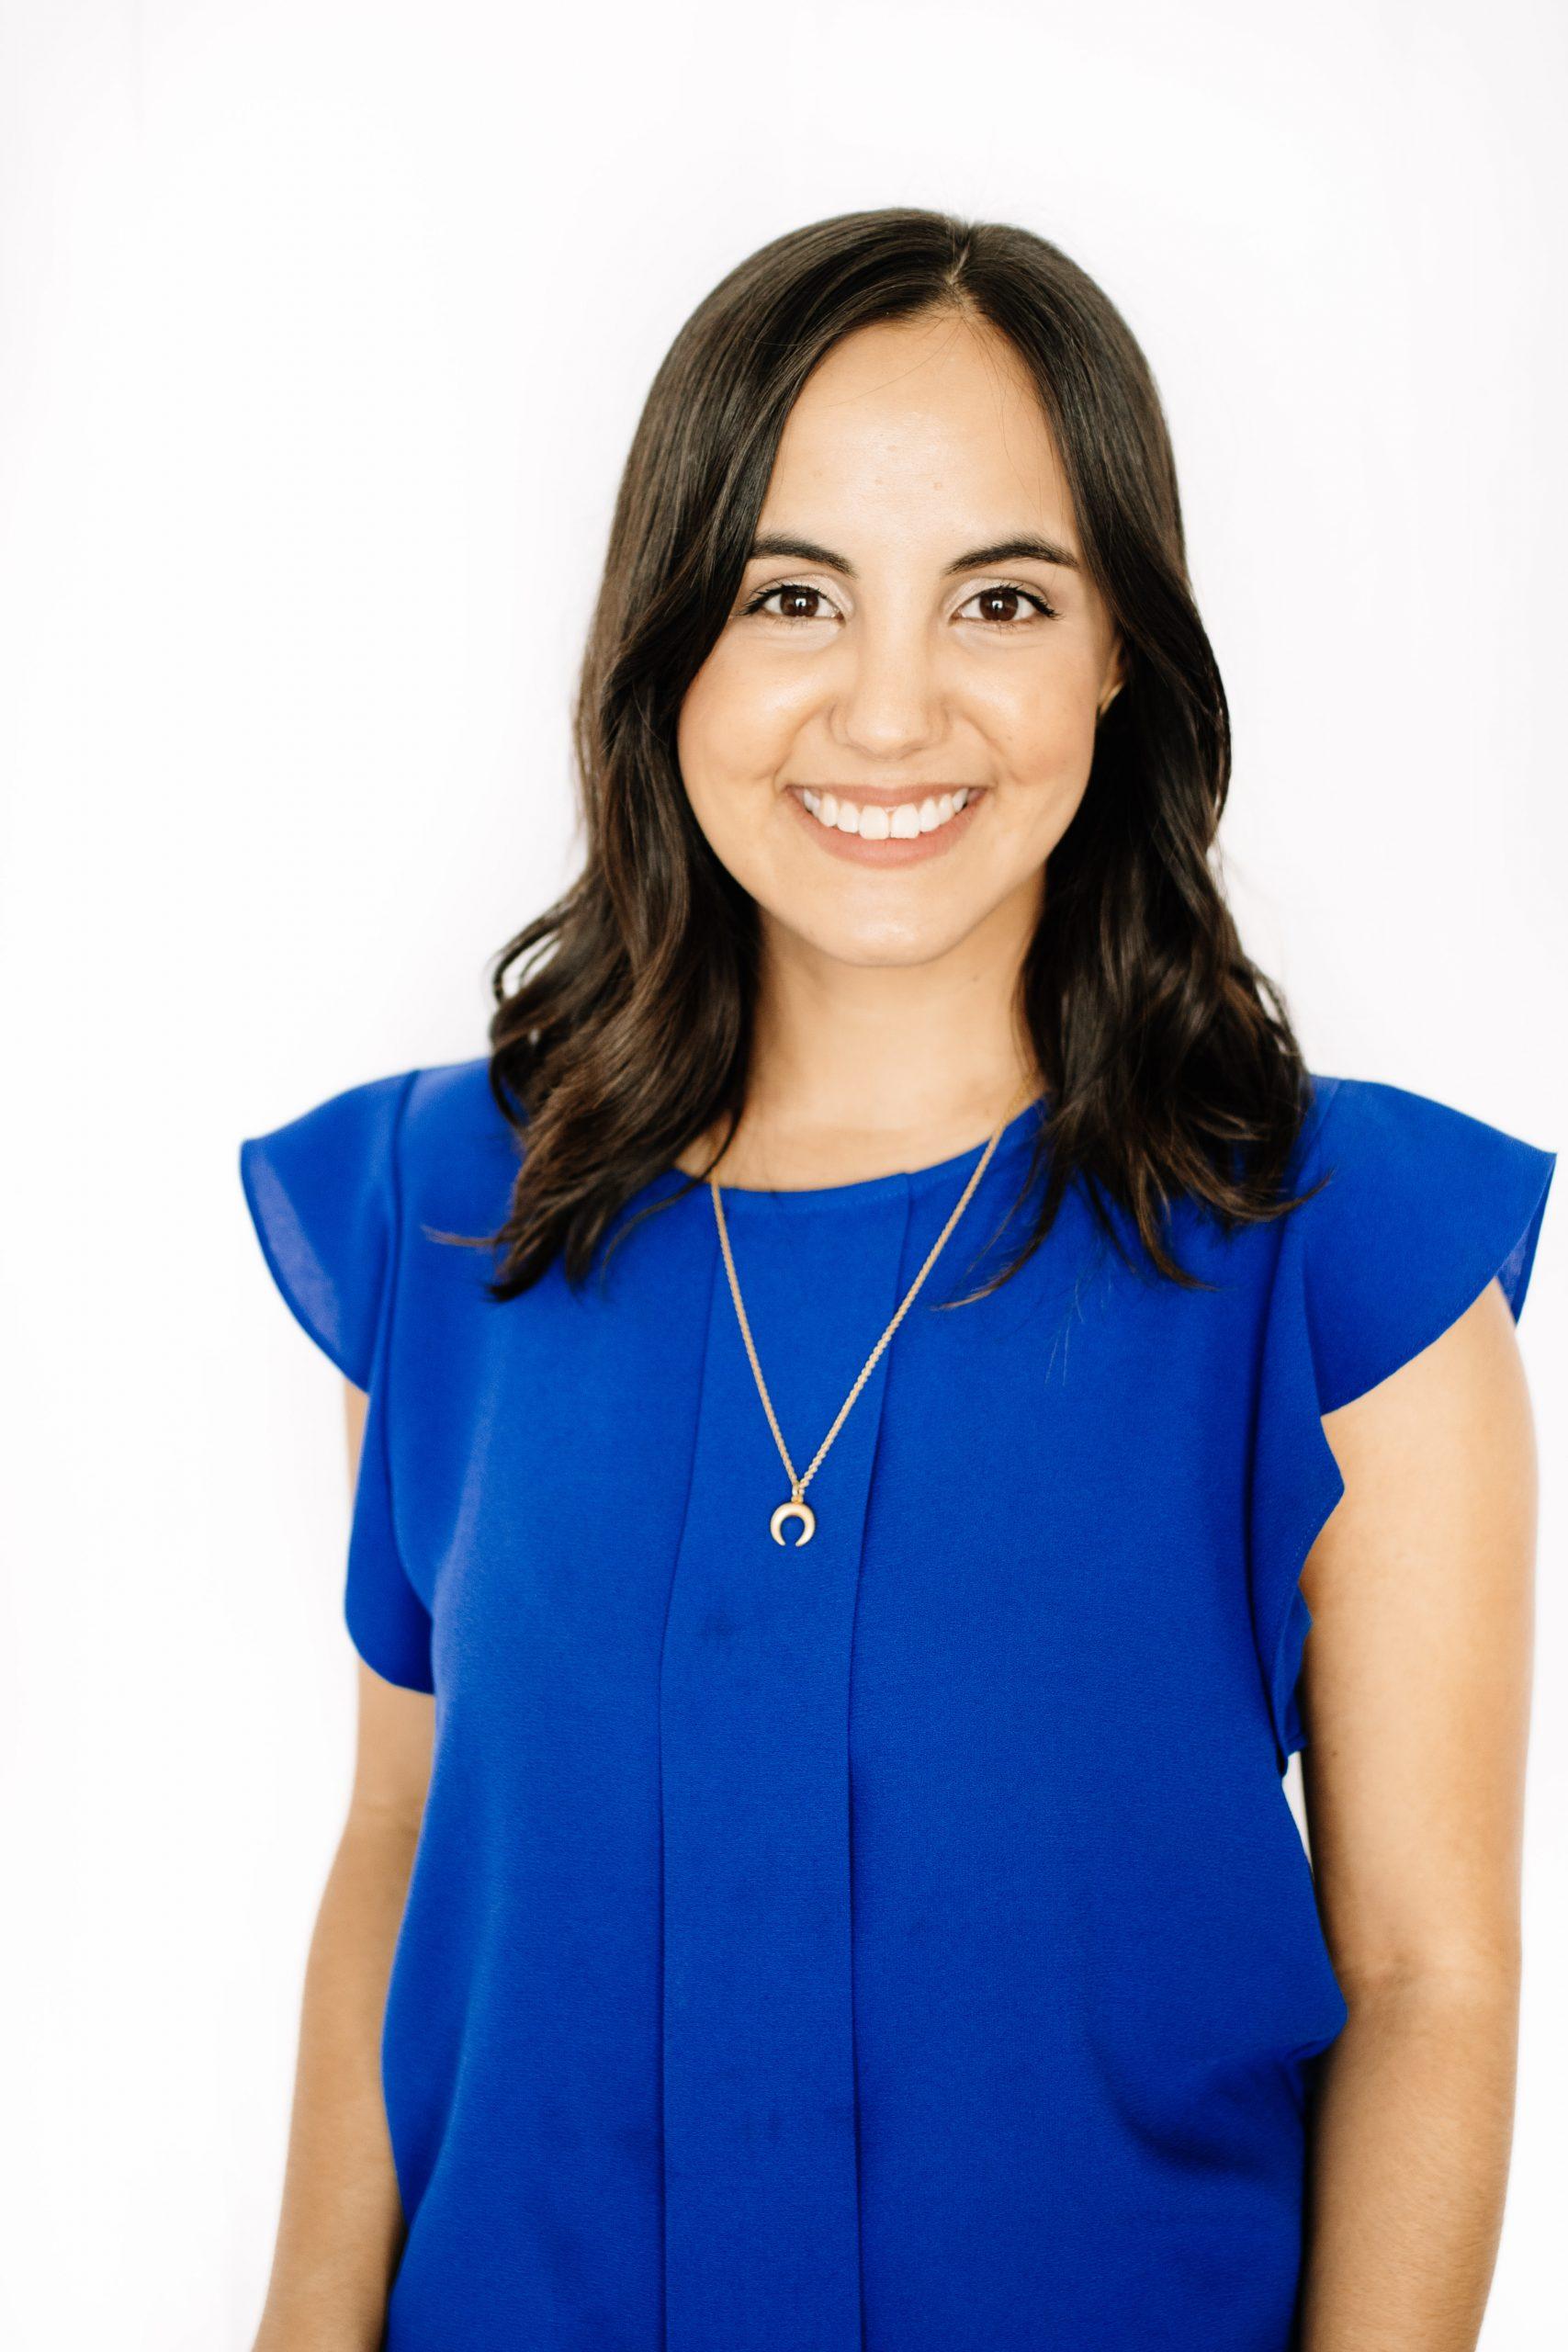 Gabriela Montes de Oca